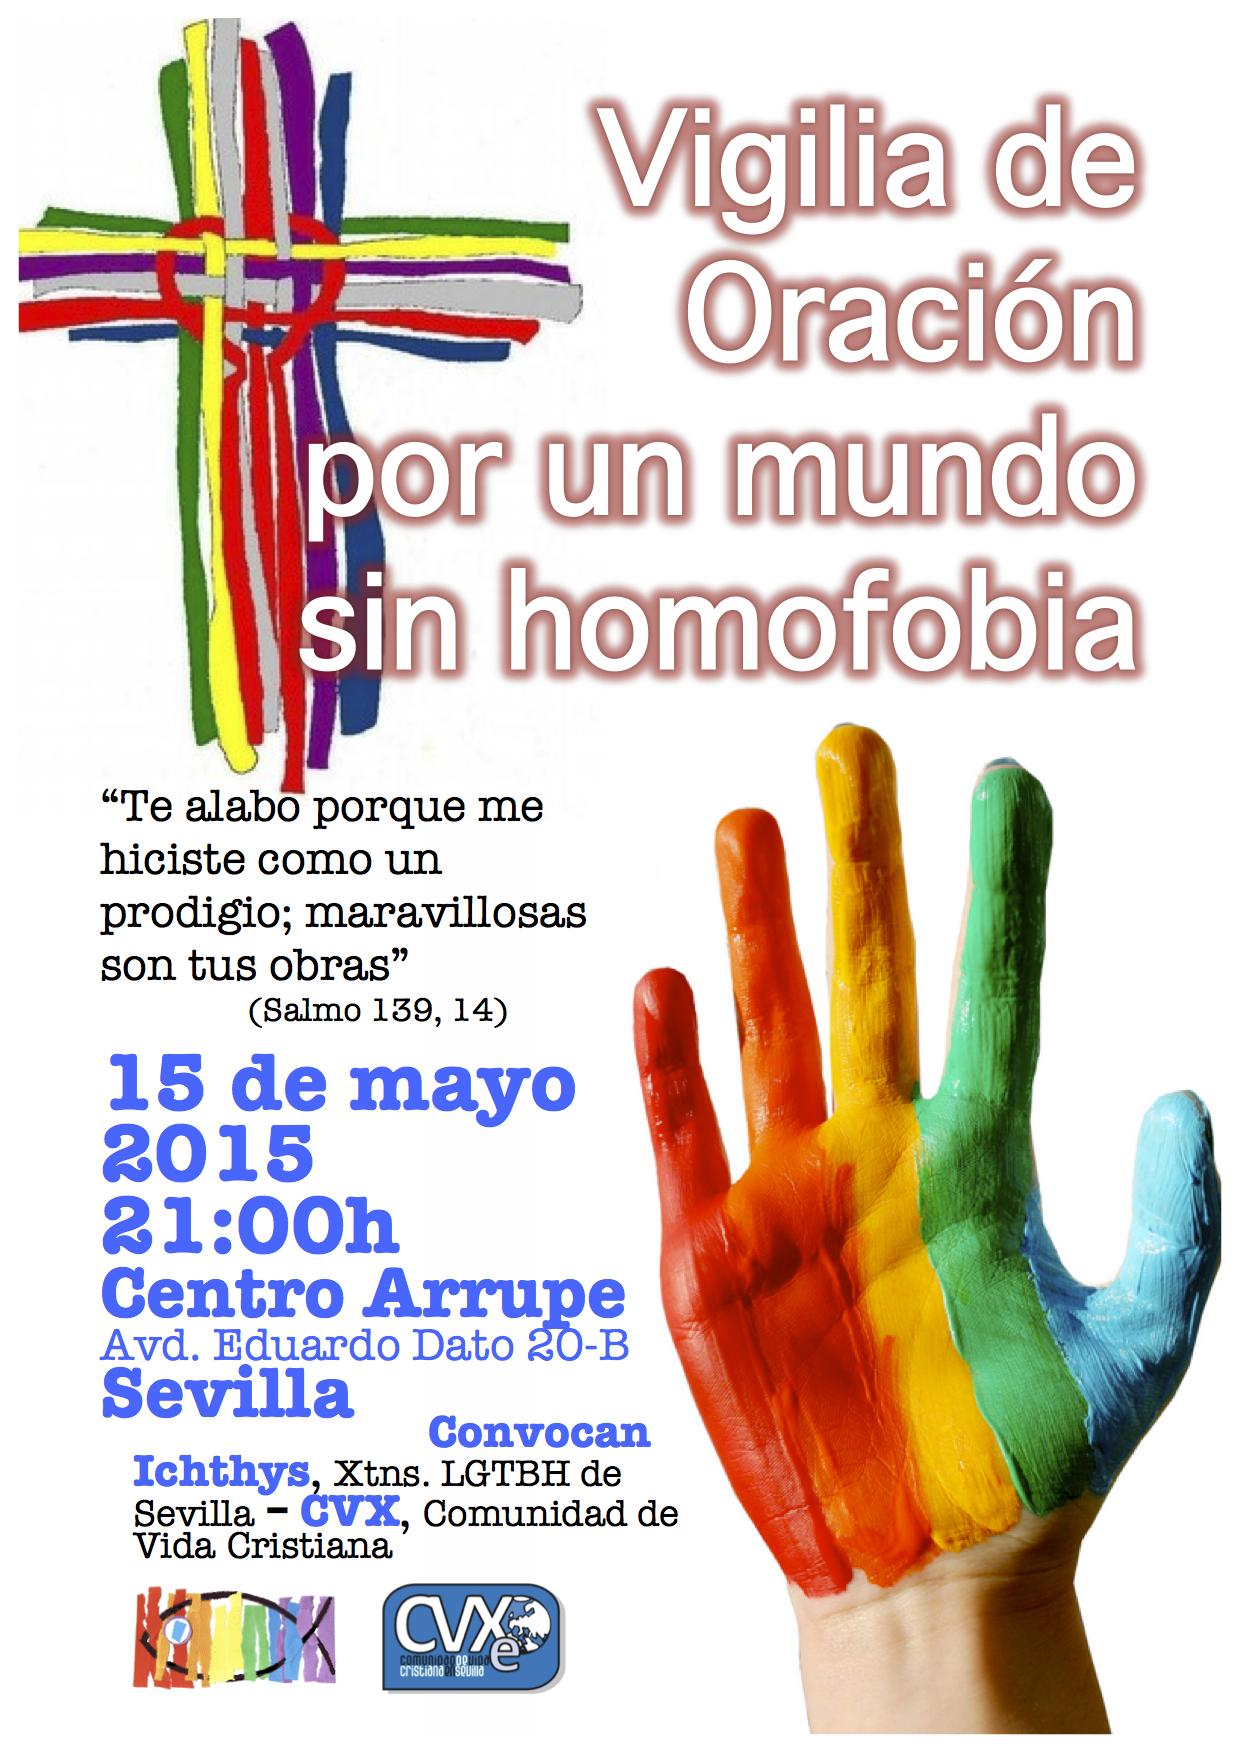 Soy homosexual y homofobia